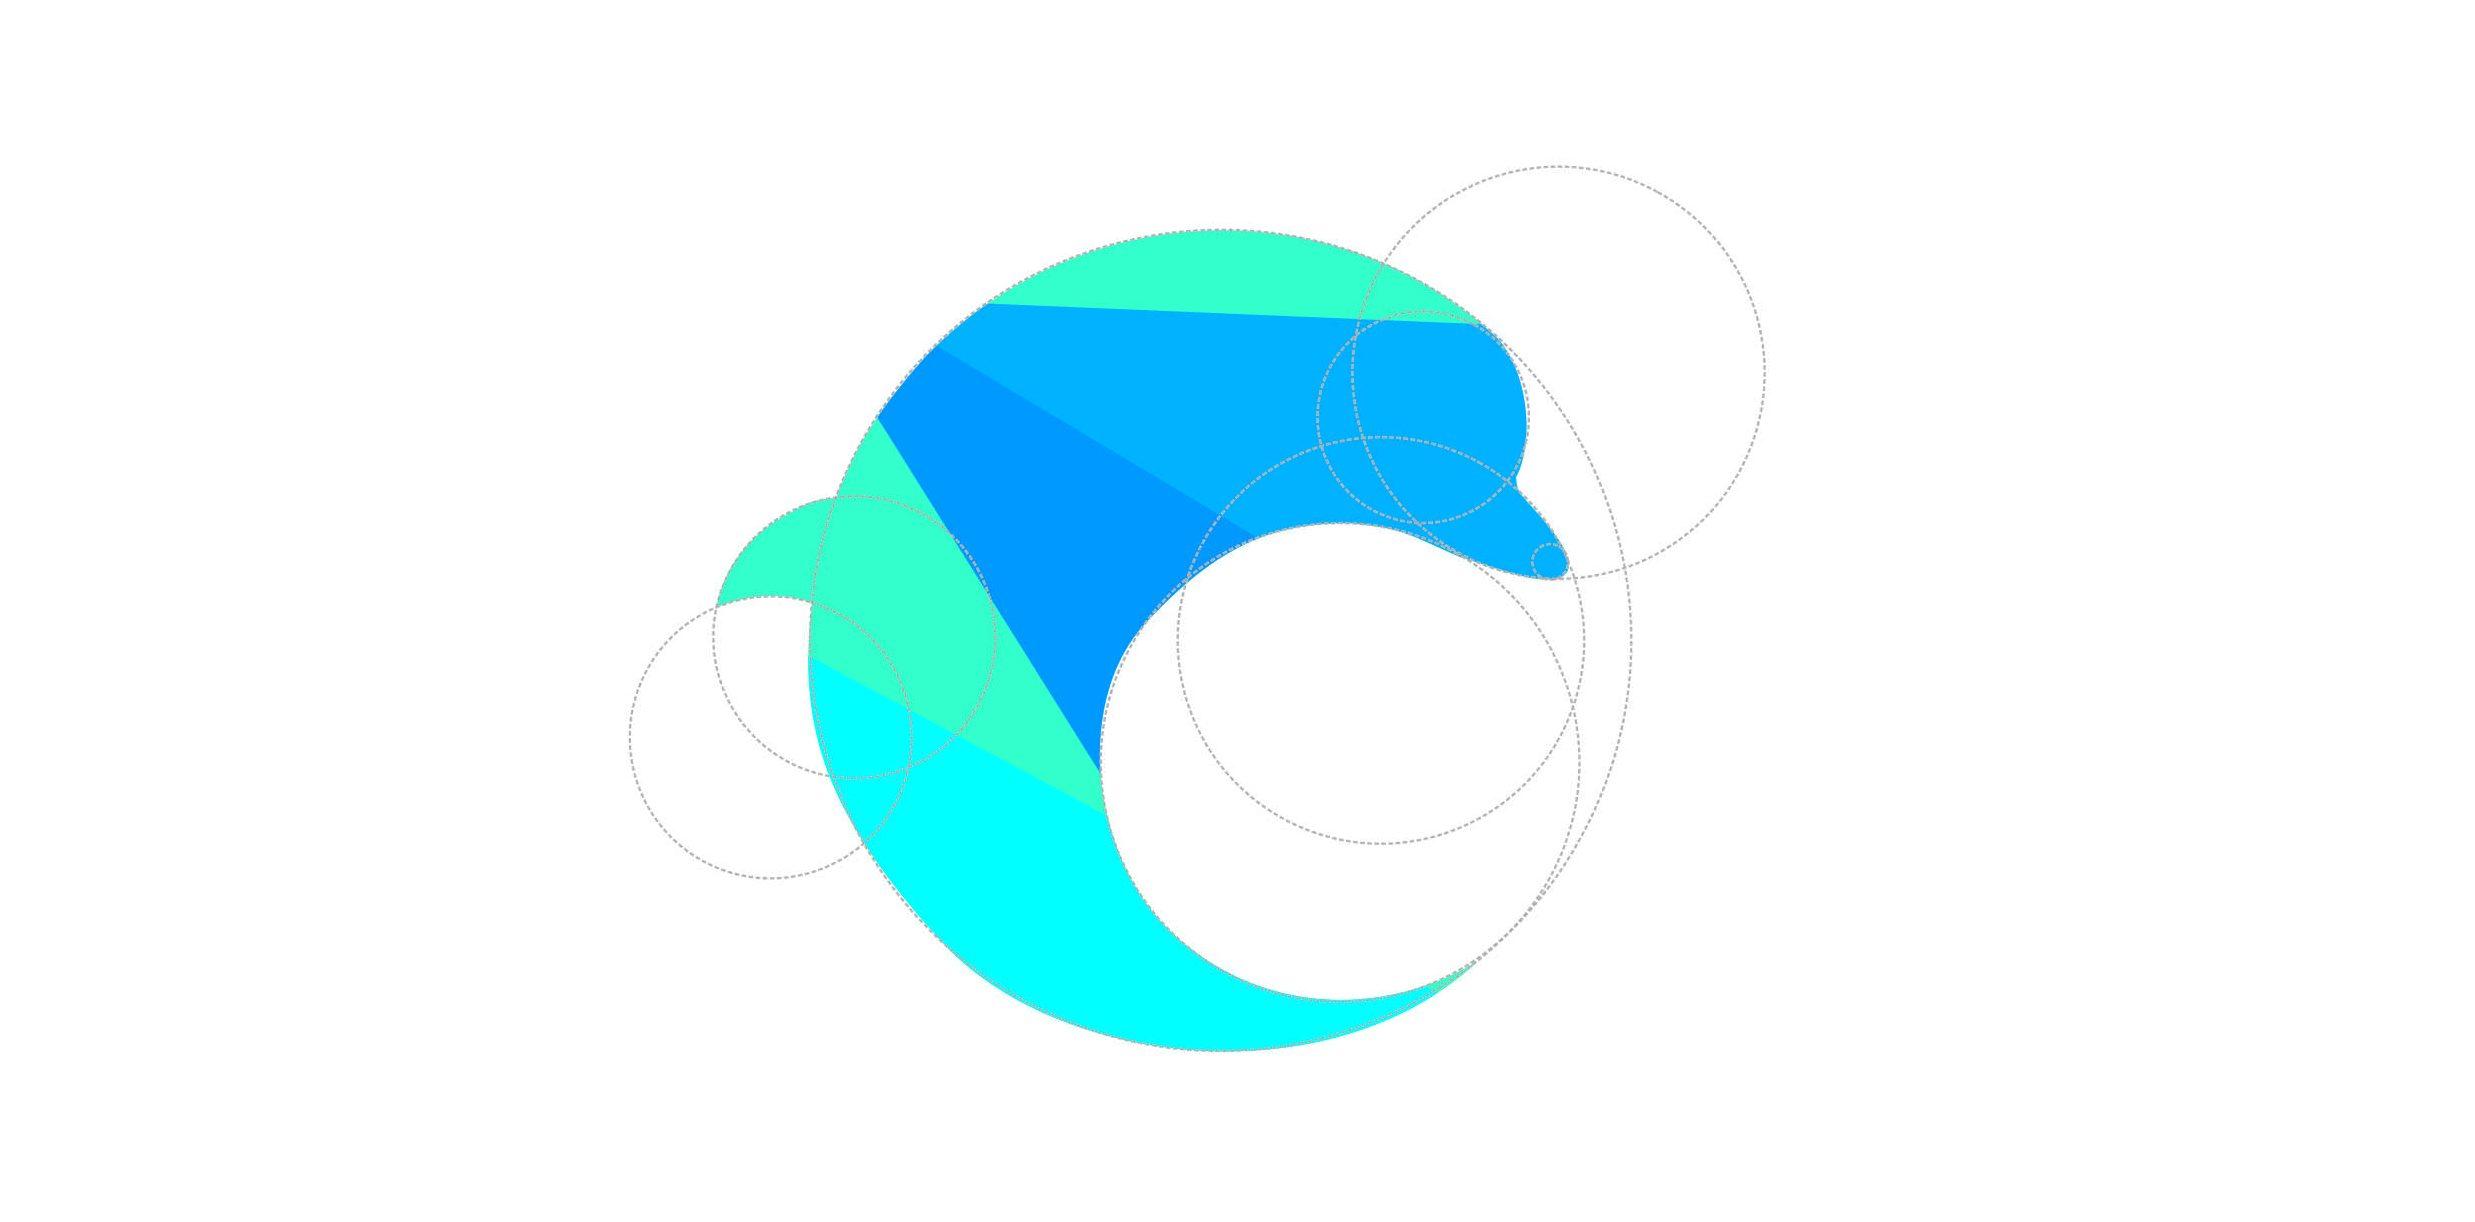 ako spraviť logo - logo-design delfína vytvorený pomocou sústavy kružníc